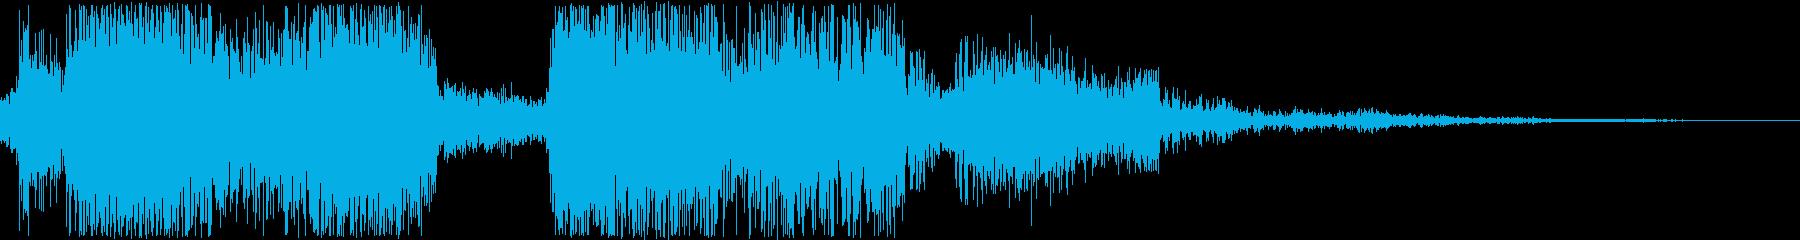 アンデッド/モンスターの叫び声_複数の再生済みの波形